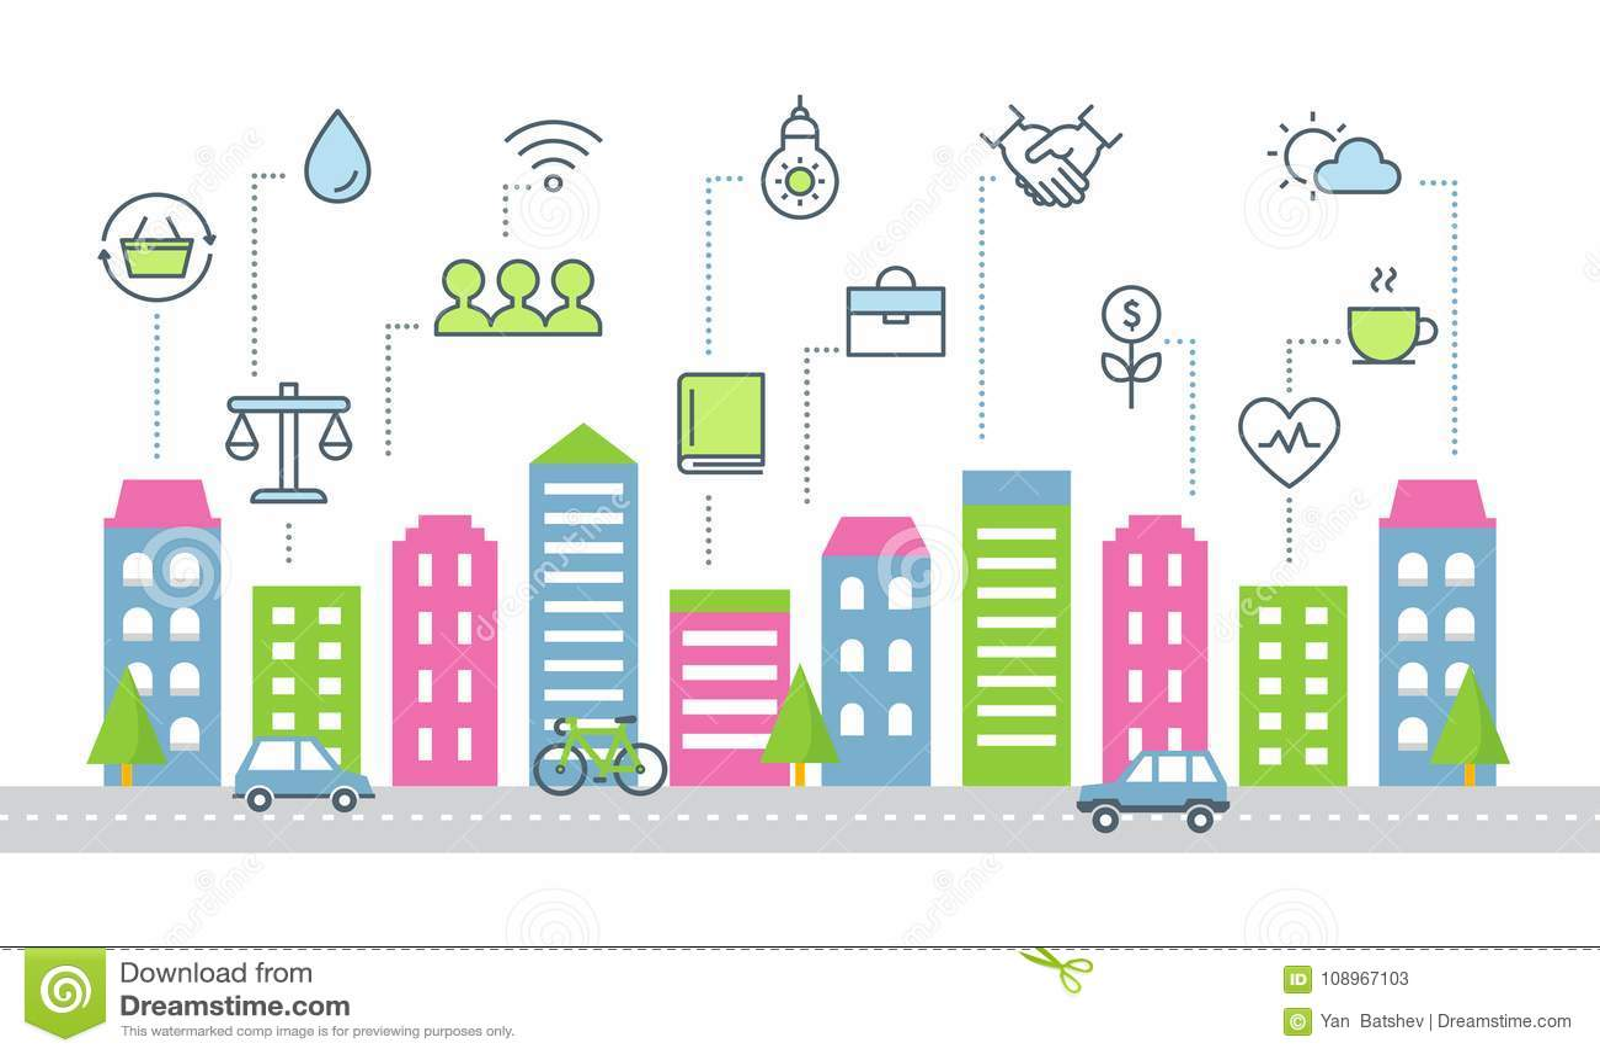 Hållbar utveckling och illustration för Smart stadsvektor